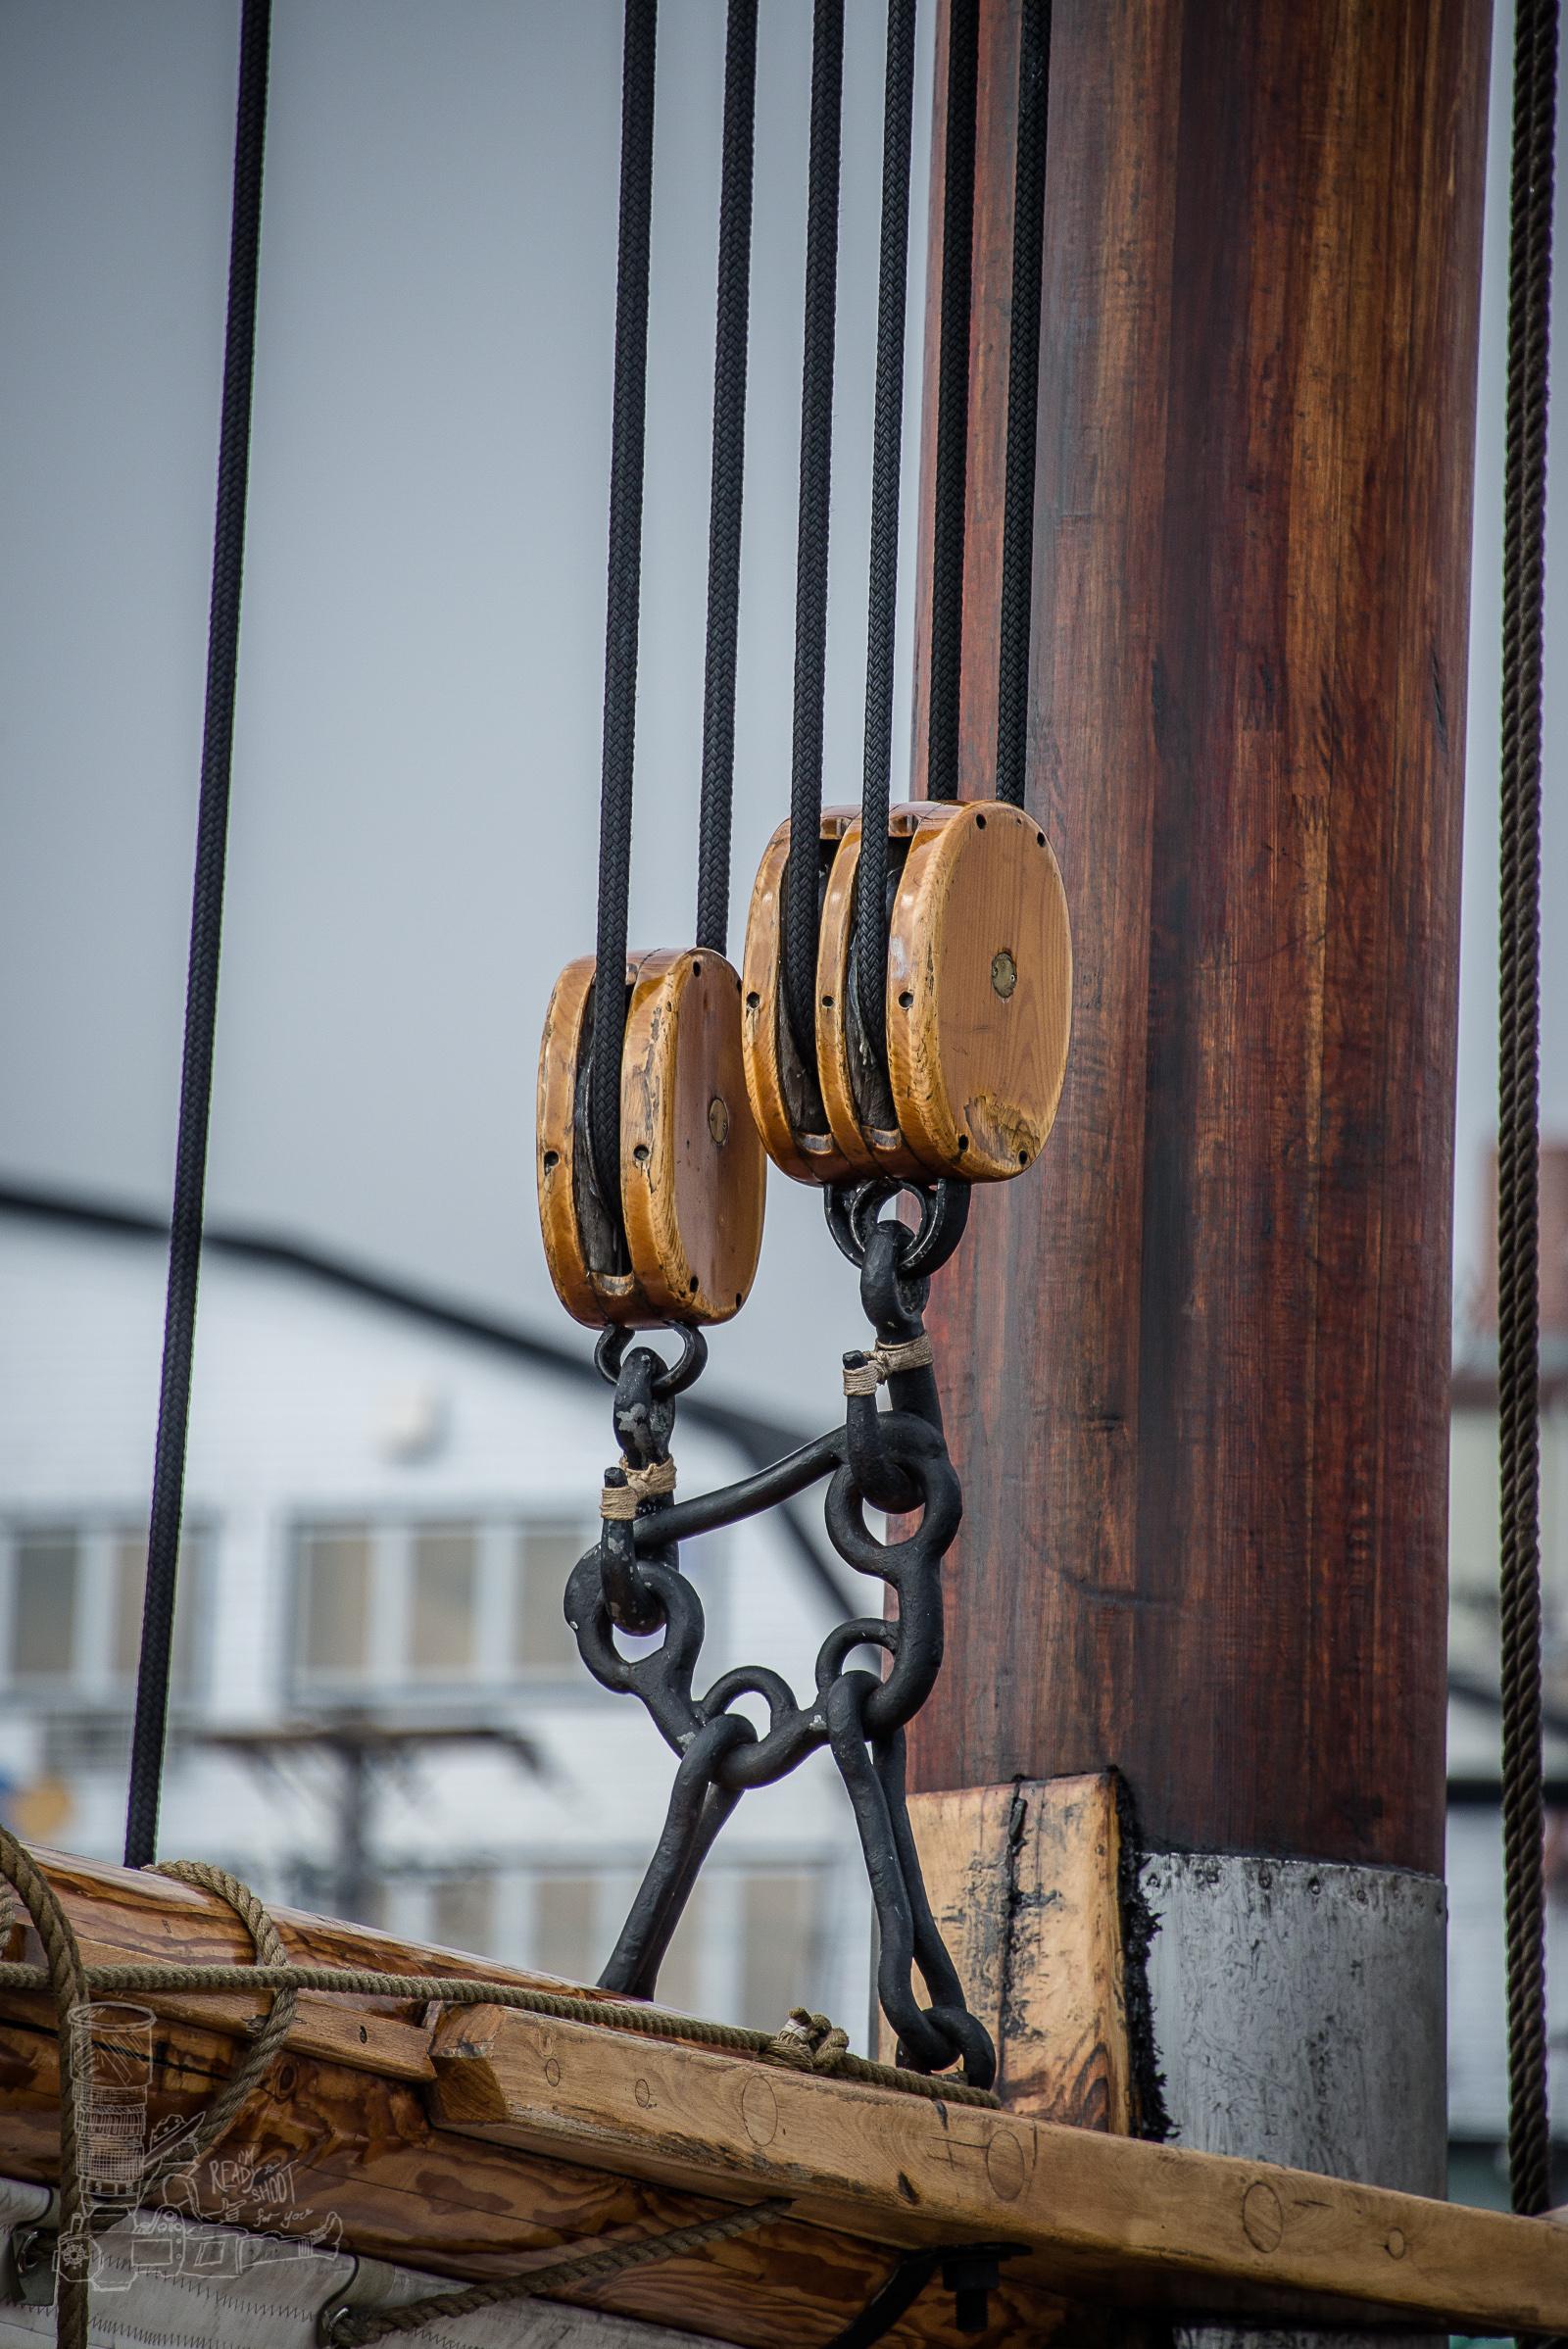 Block & Tackle of the Main Sail